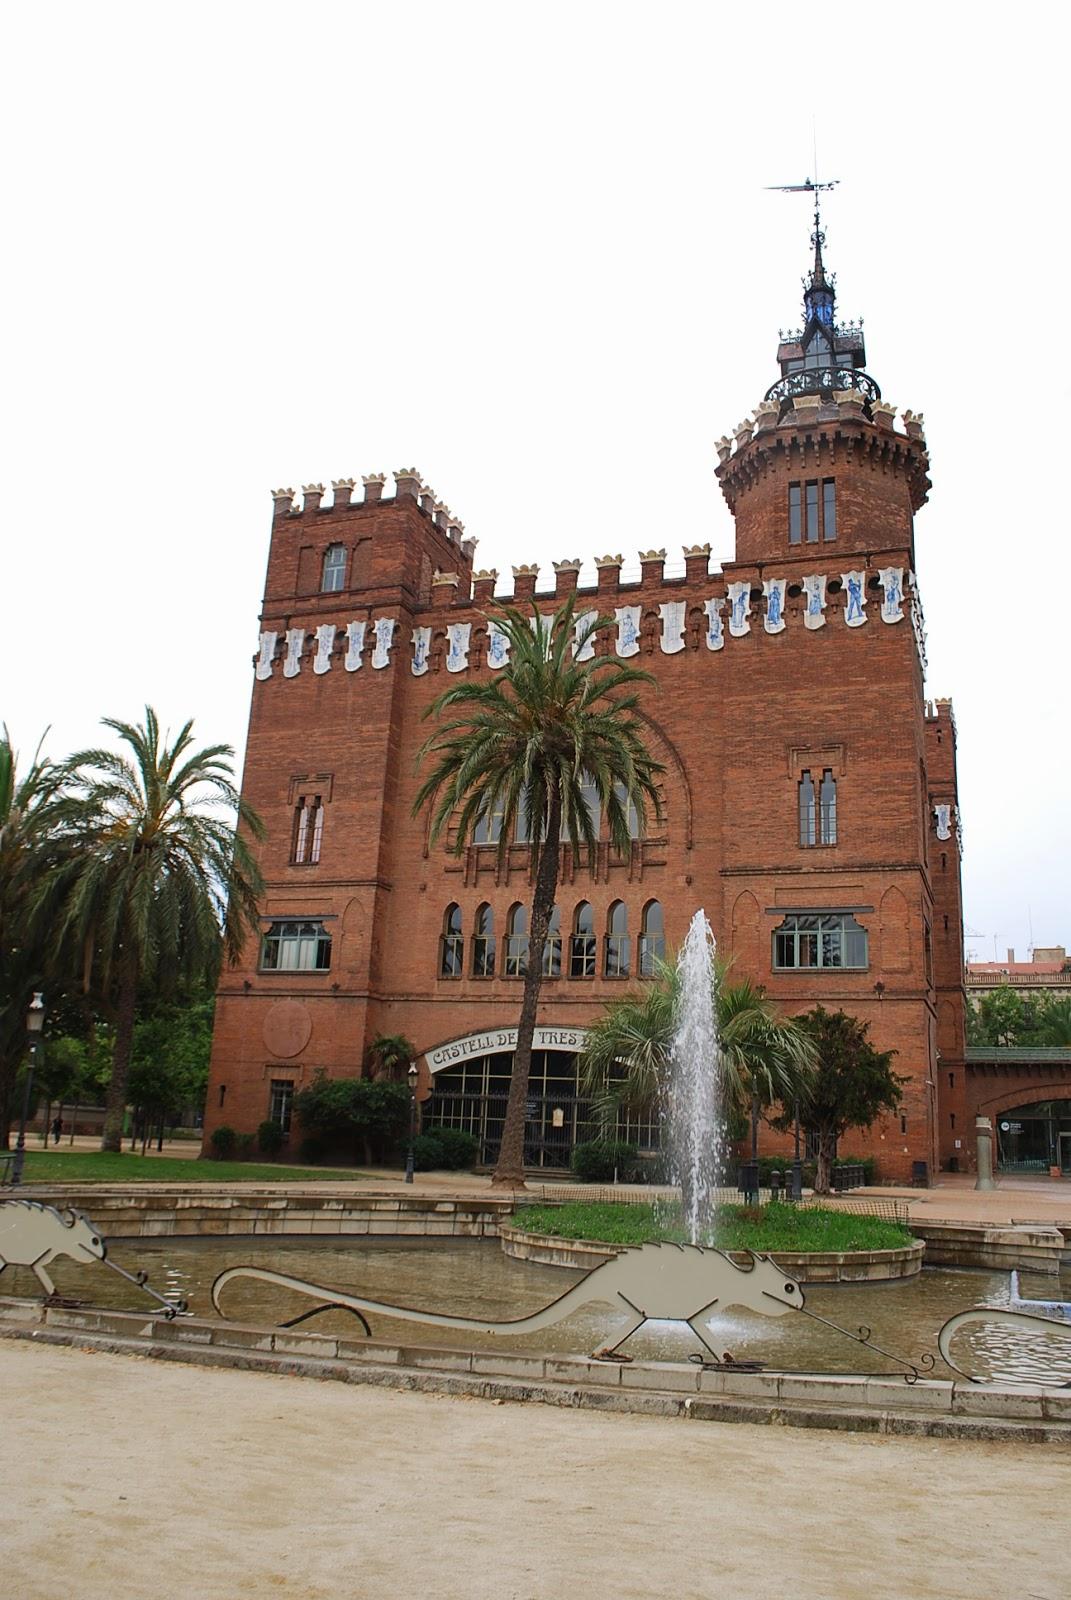 """Зоологический музей, бывший ресторан или замок """"трех драконов"""". Парк Цитадели (Сьютаделья, Ciutadella), Барселона, Каталония, Испания. Zoological Museum in Parc de la Ciutadella, Barcelona, Catalonia, Spain"""